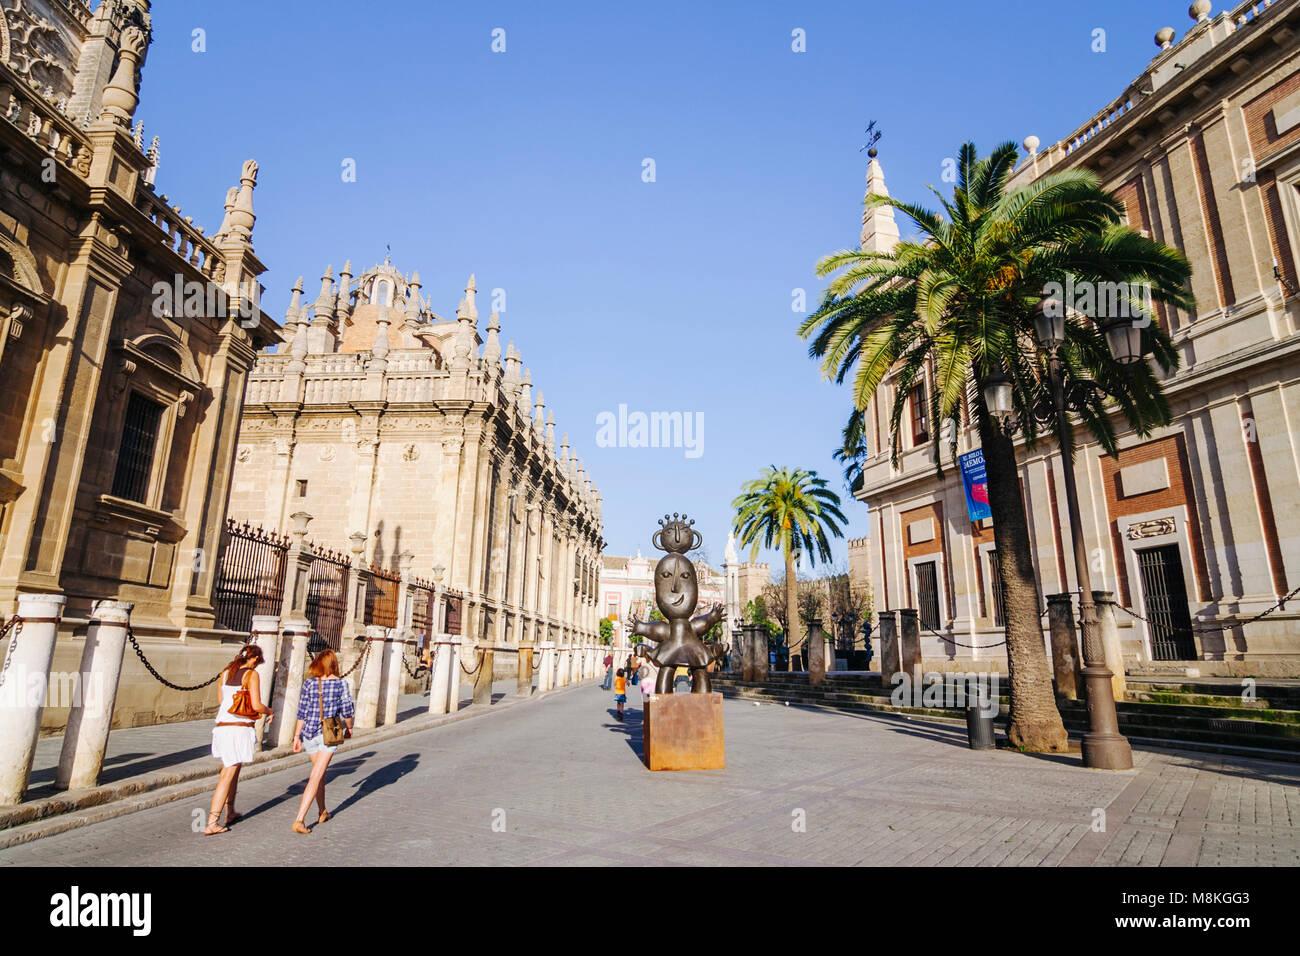 Sevilla, Andalusien, Spanien: Touristen vorbei an den Unesco-Kathedrale von Sevilla, die größte gotische Stockbild